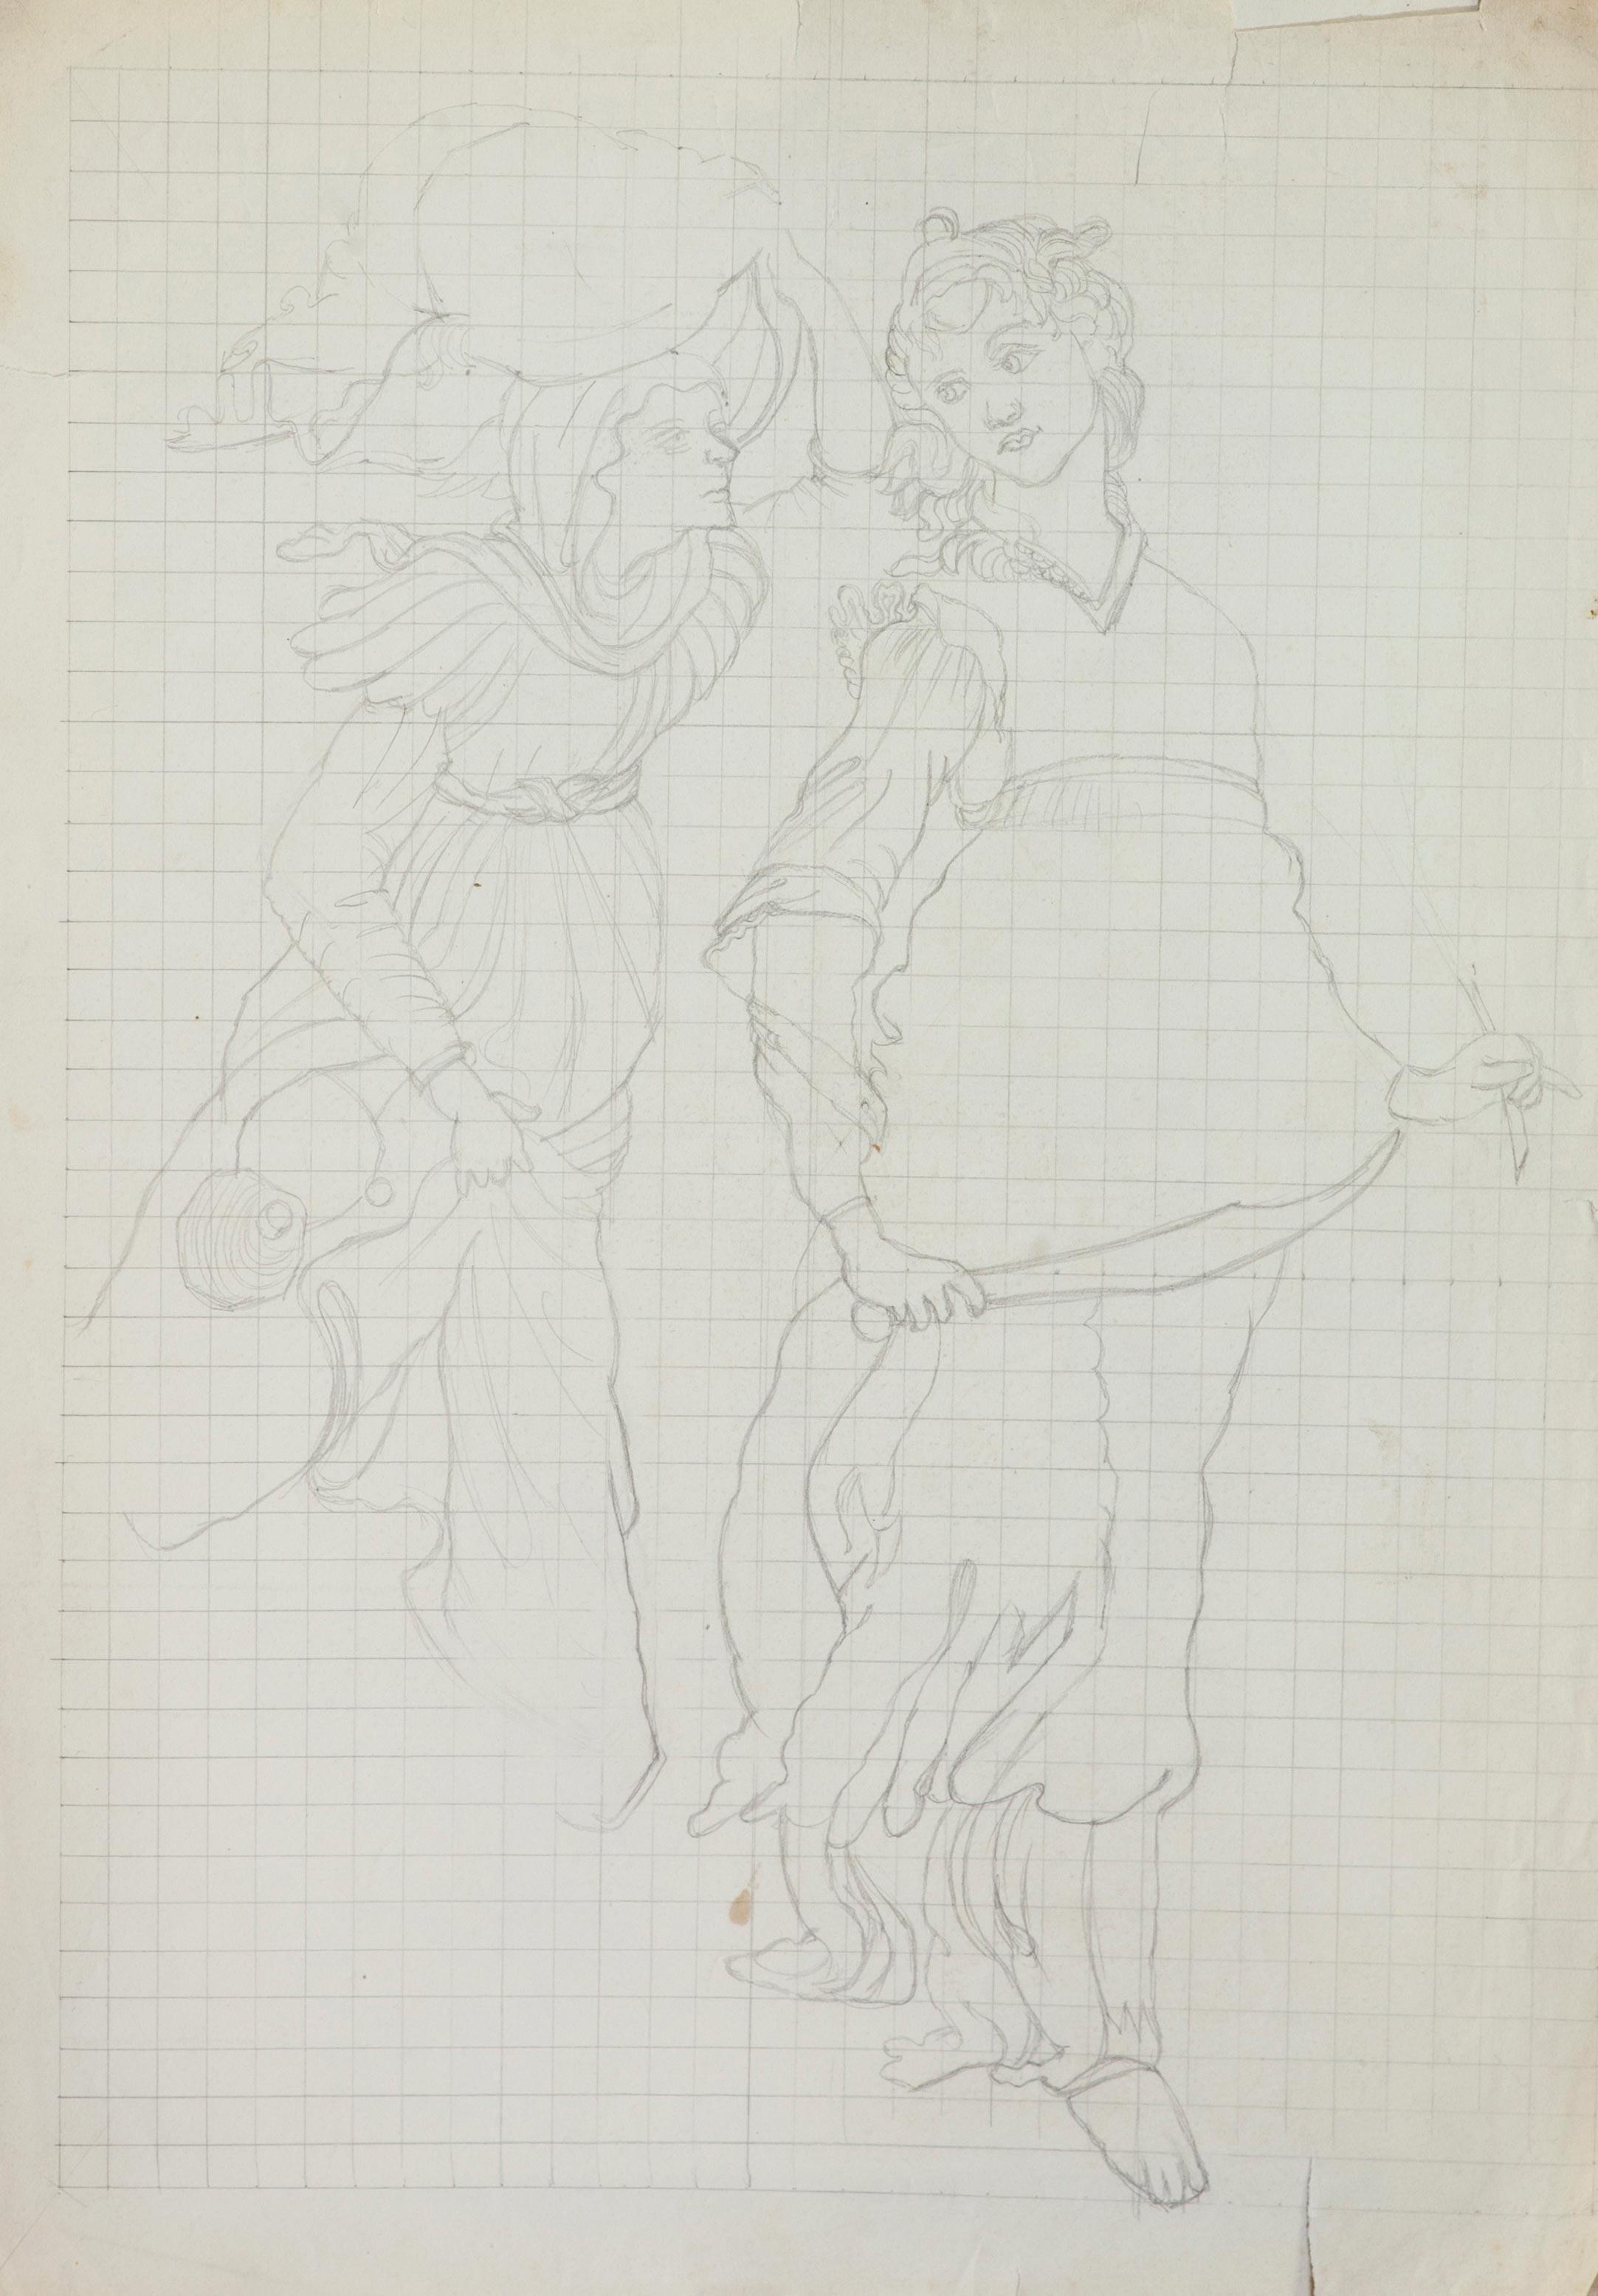 Эскизы фресок. 2 рисунка.